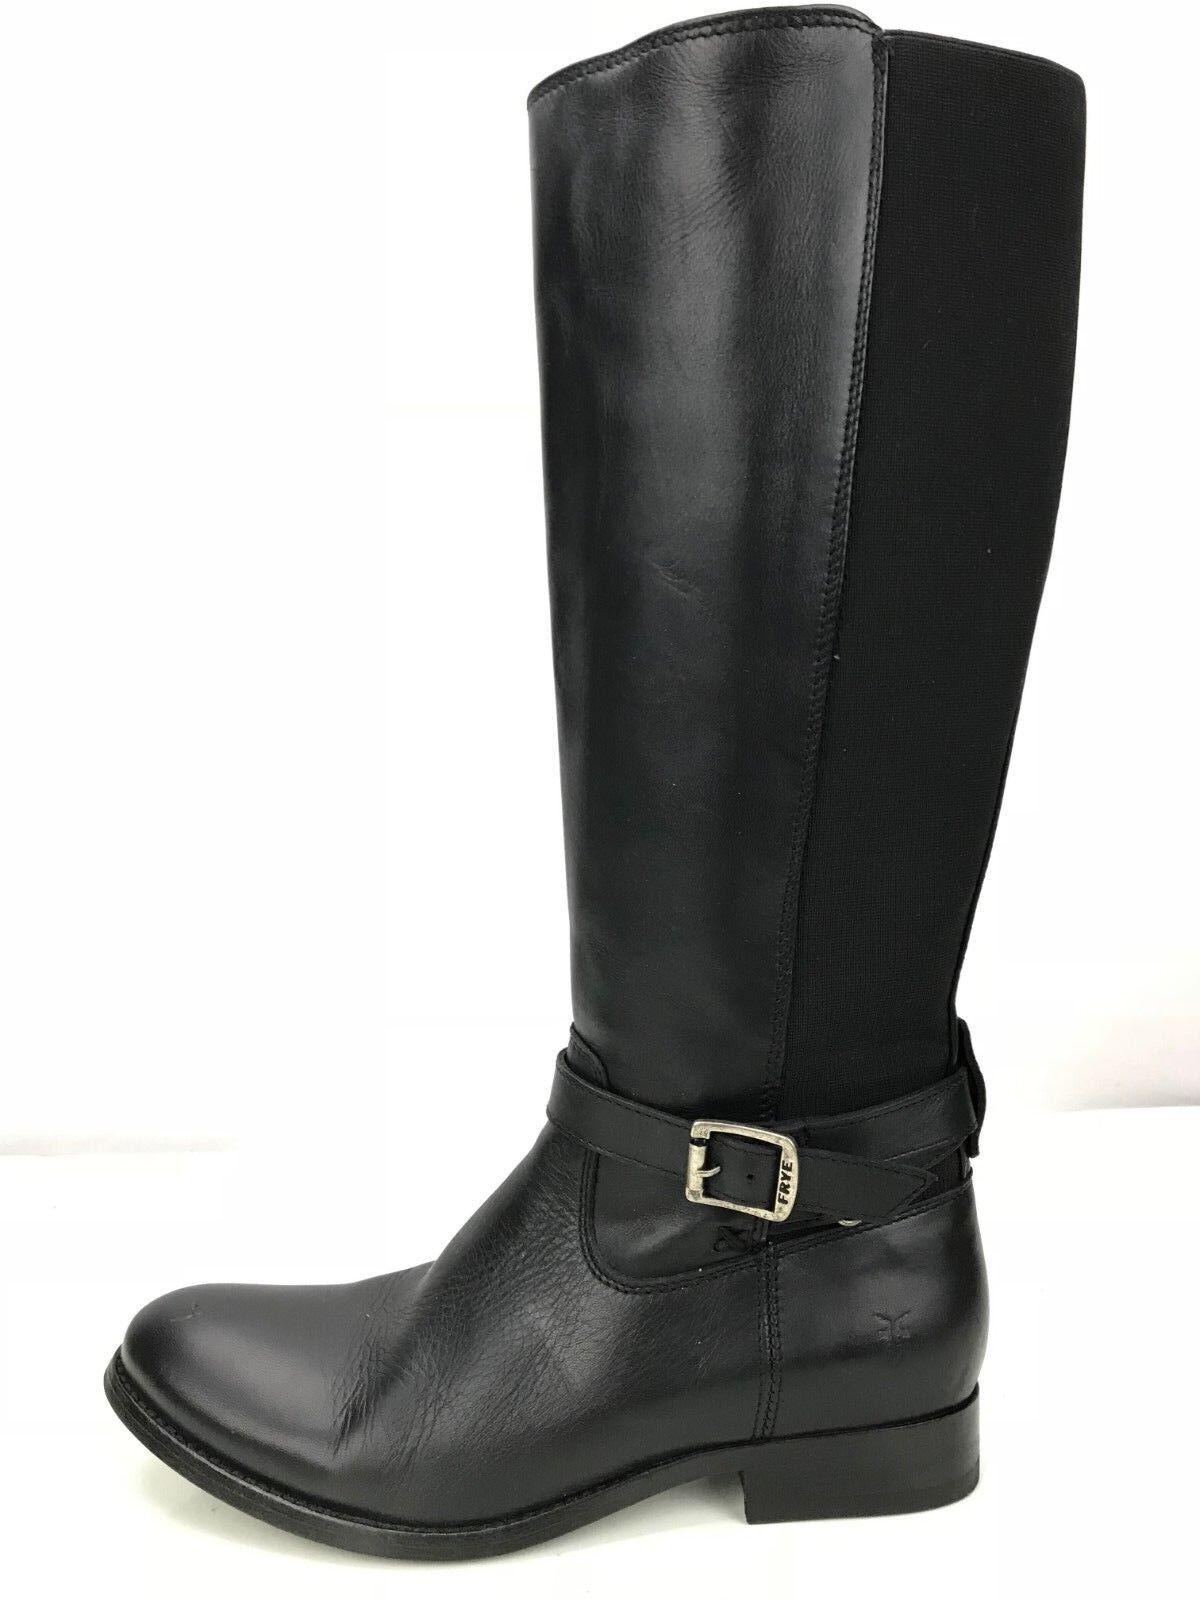 Frye Melissa botas-Gore Tex rodilla alta botas botas botas de montar para mujer de cuero negro 9B  barato y de alta calidad